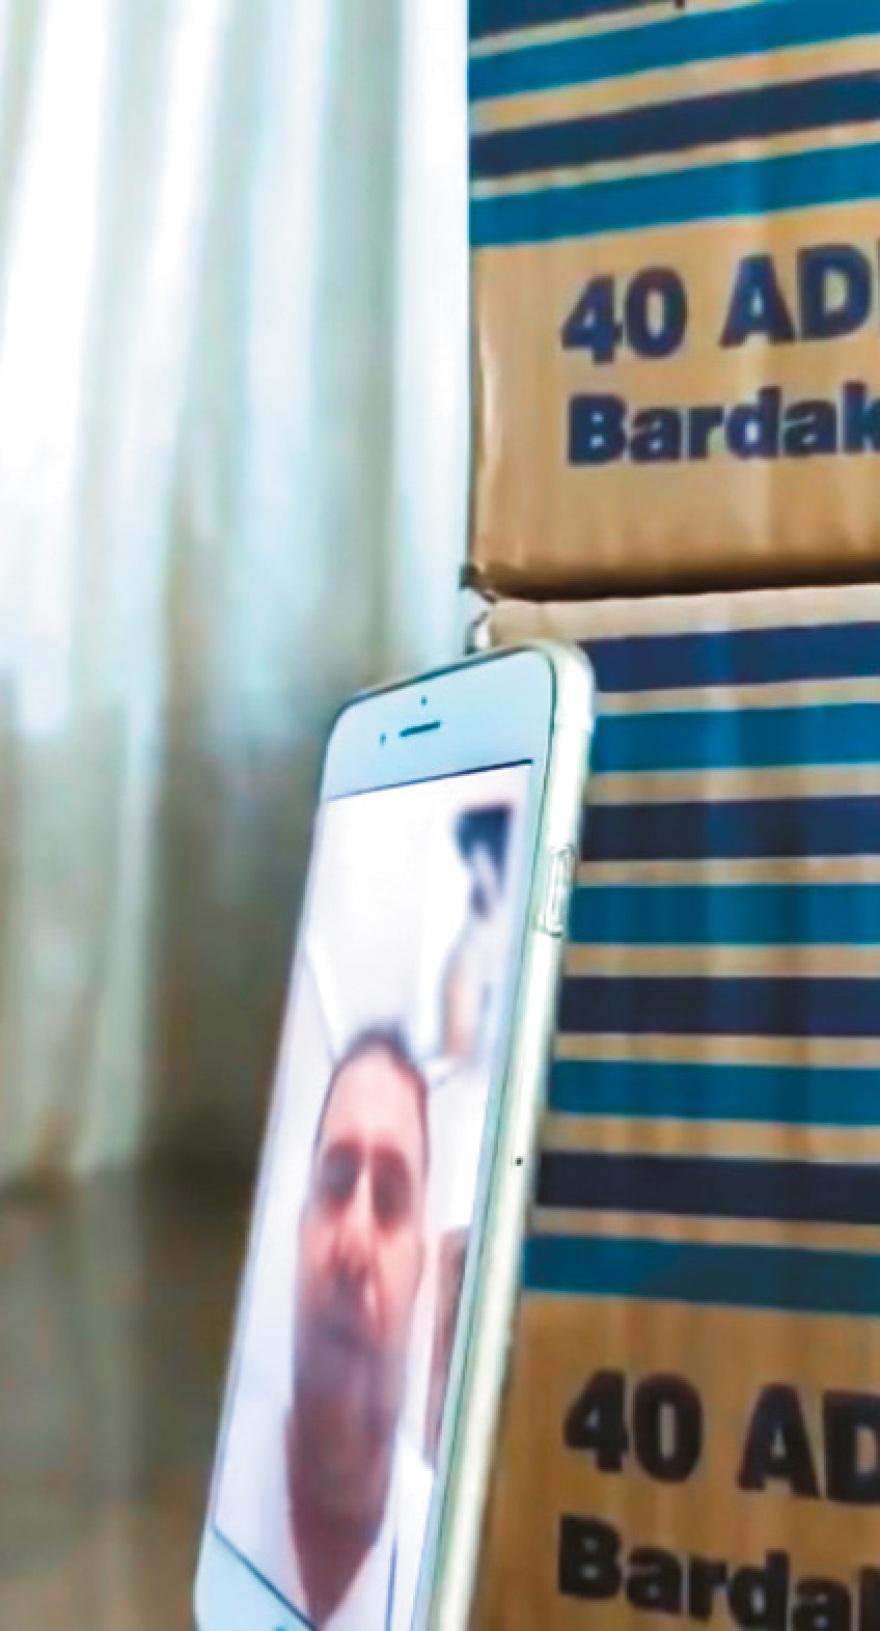 """Ροζ βίντεο στα κατεχόμενα: Πώς ο μαφιόζος γελοιοποίησε τα """"τσιράκια του Ερντογάν"""""""